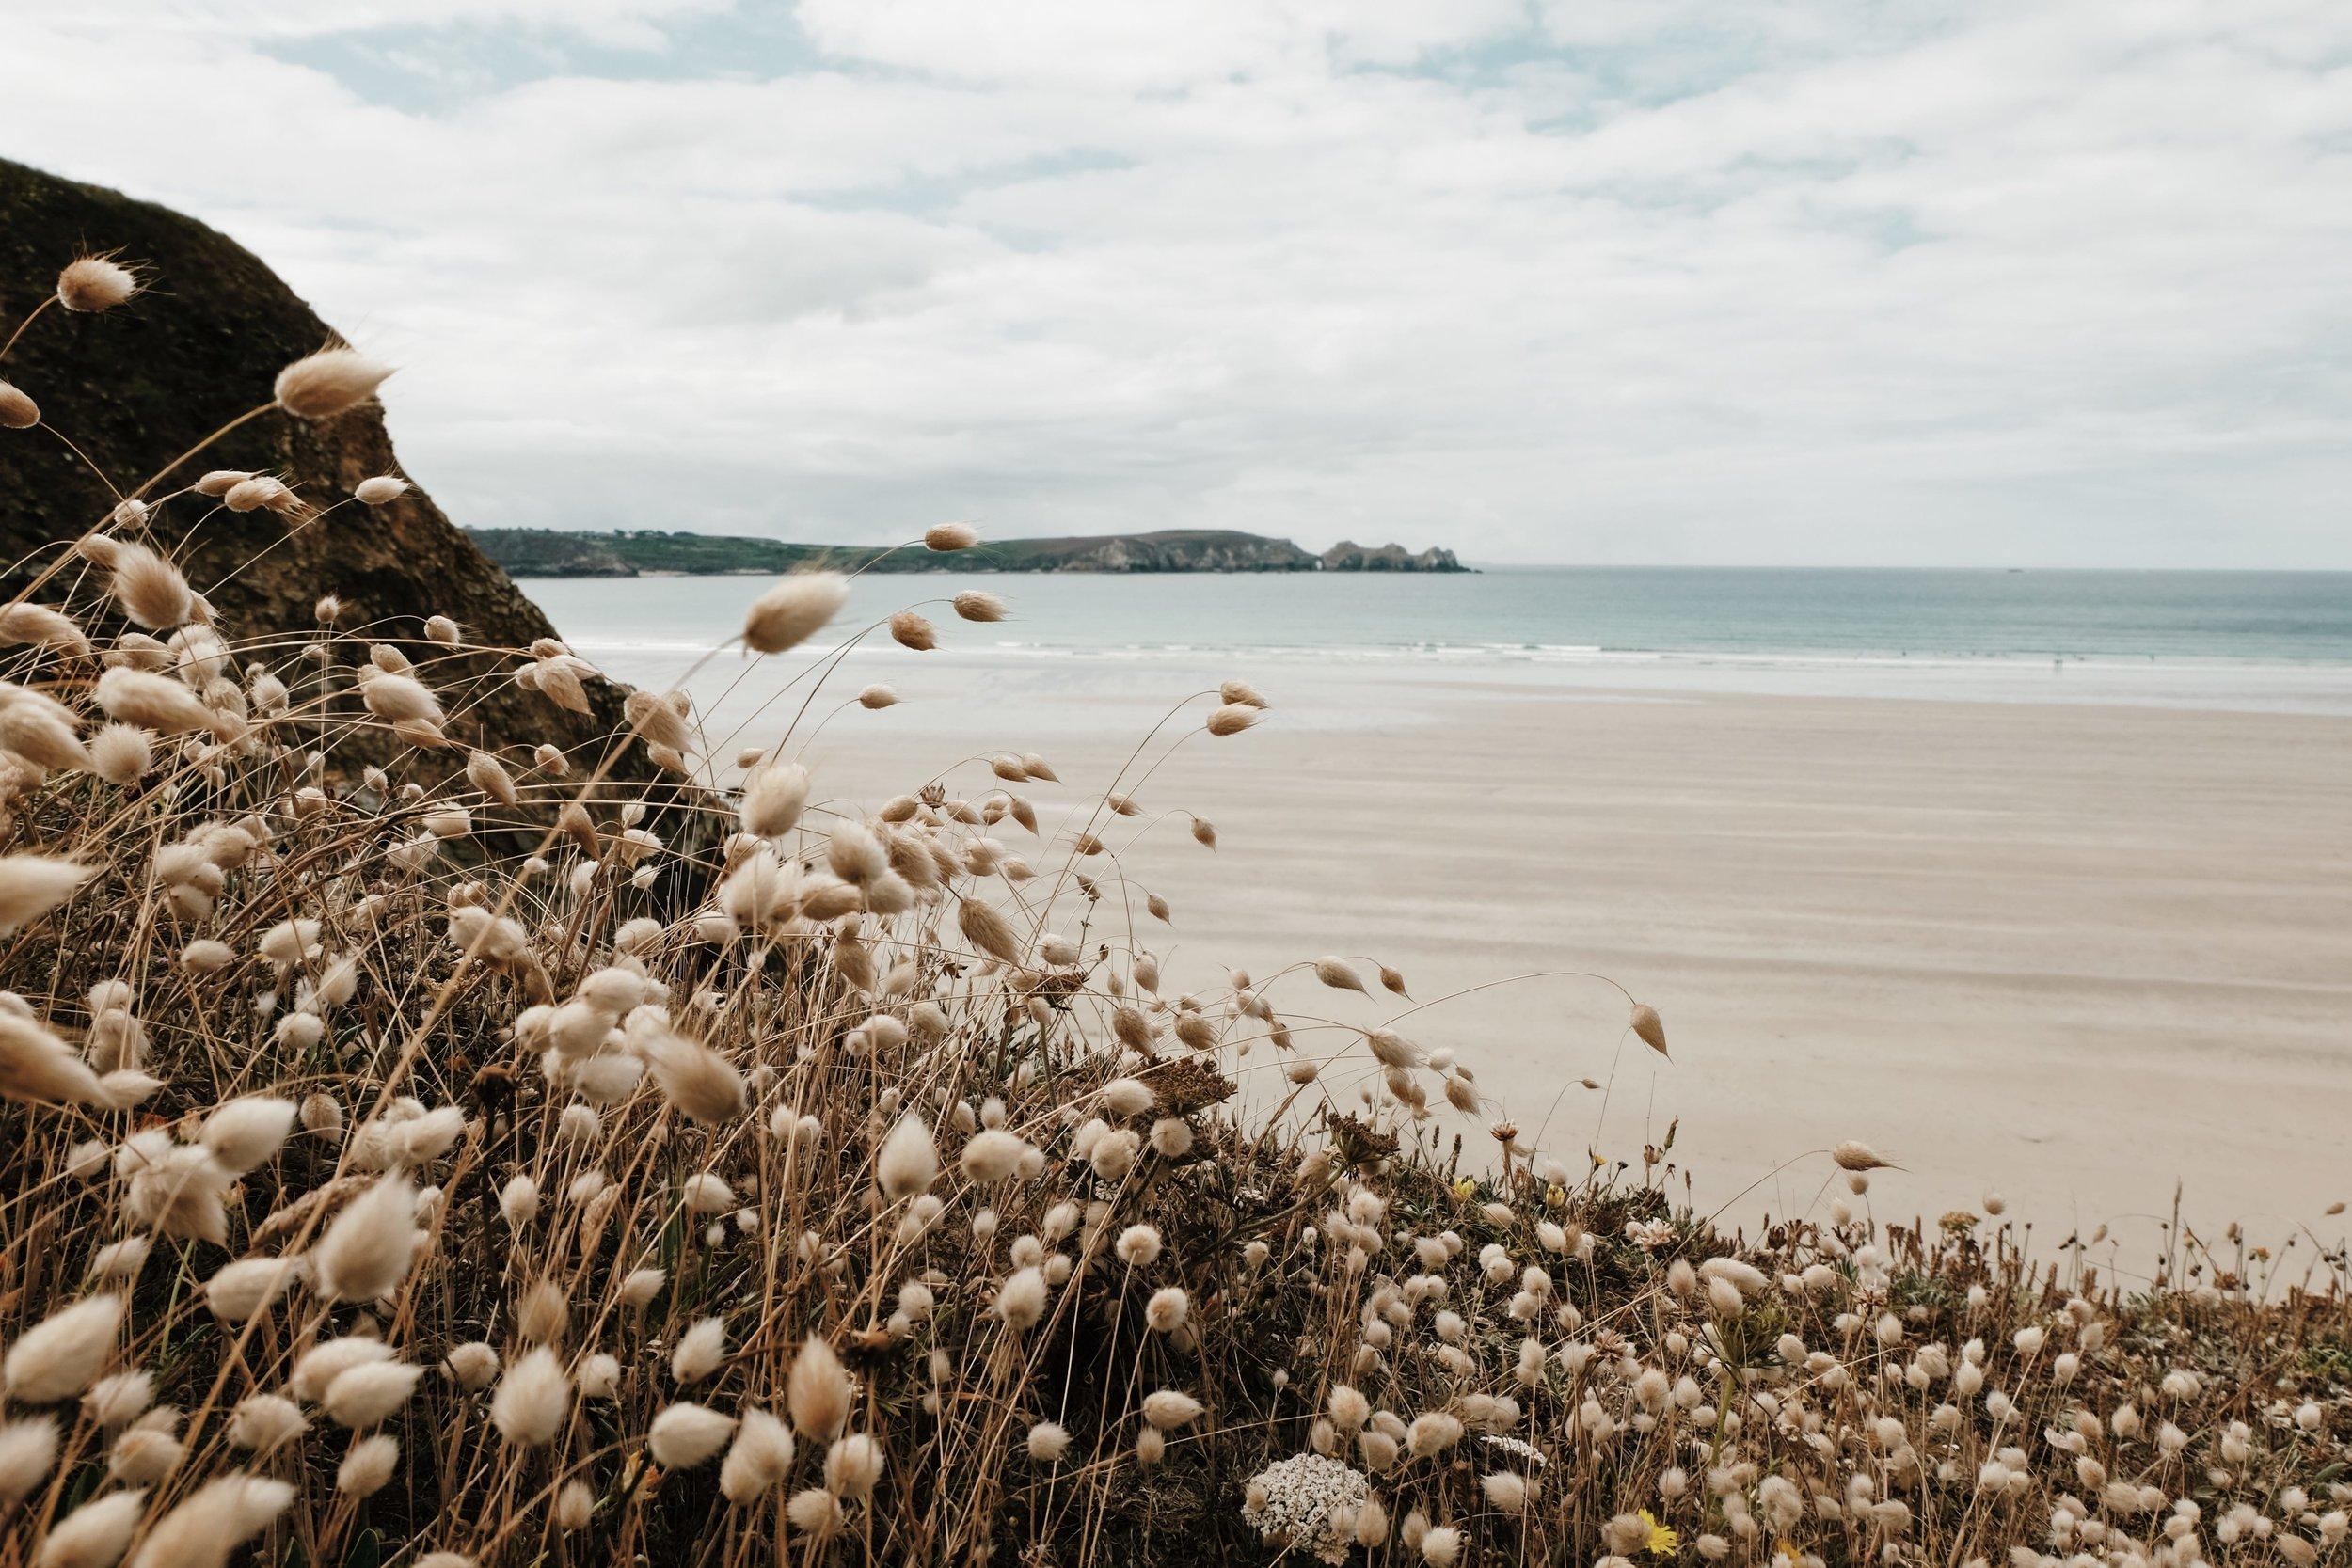 Carnet Sauvage - blog voyage Lille - visiter la Bretagne - presqu'ile de Crozon - plage de kerloch2.JPG